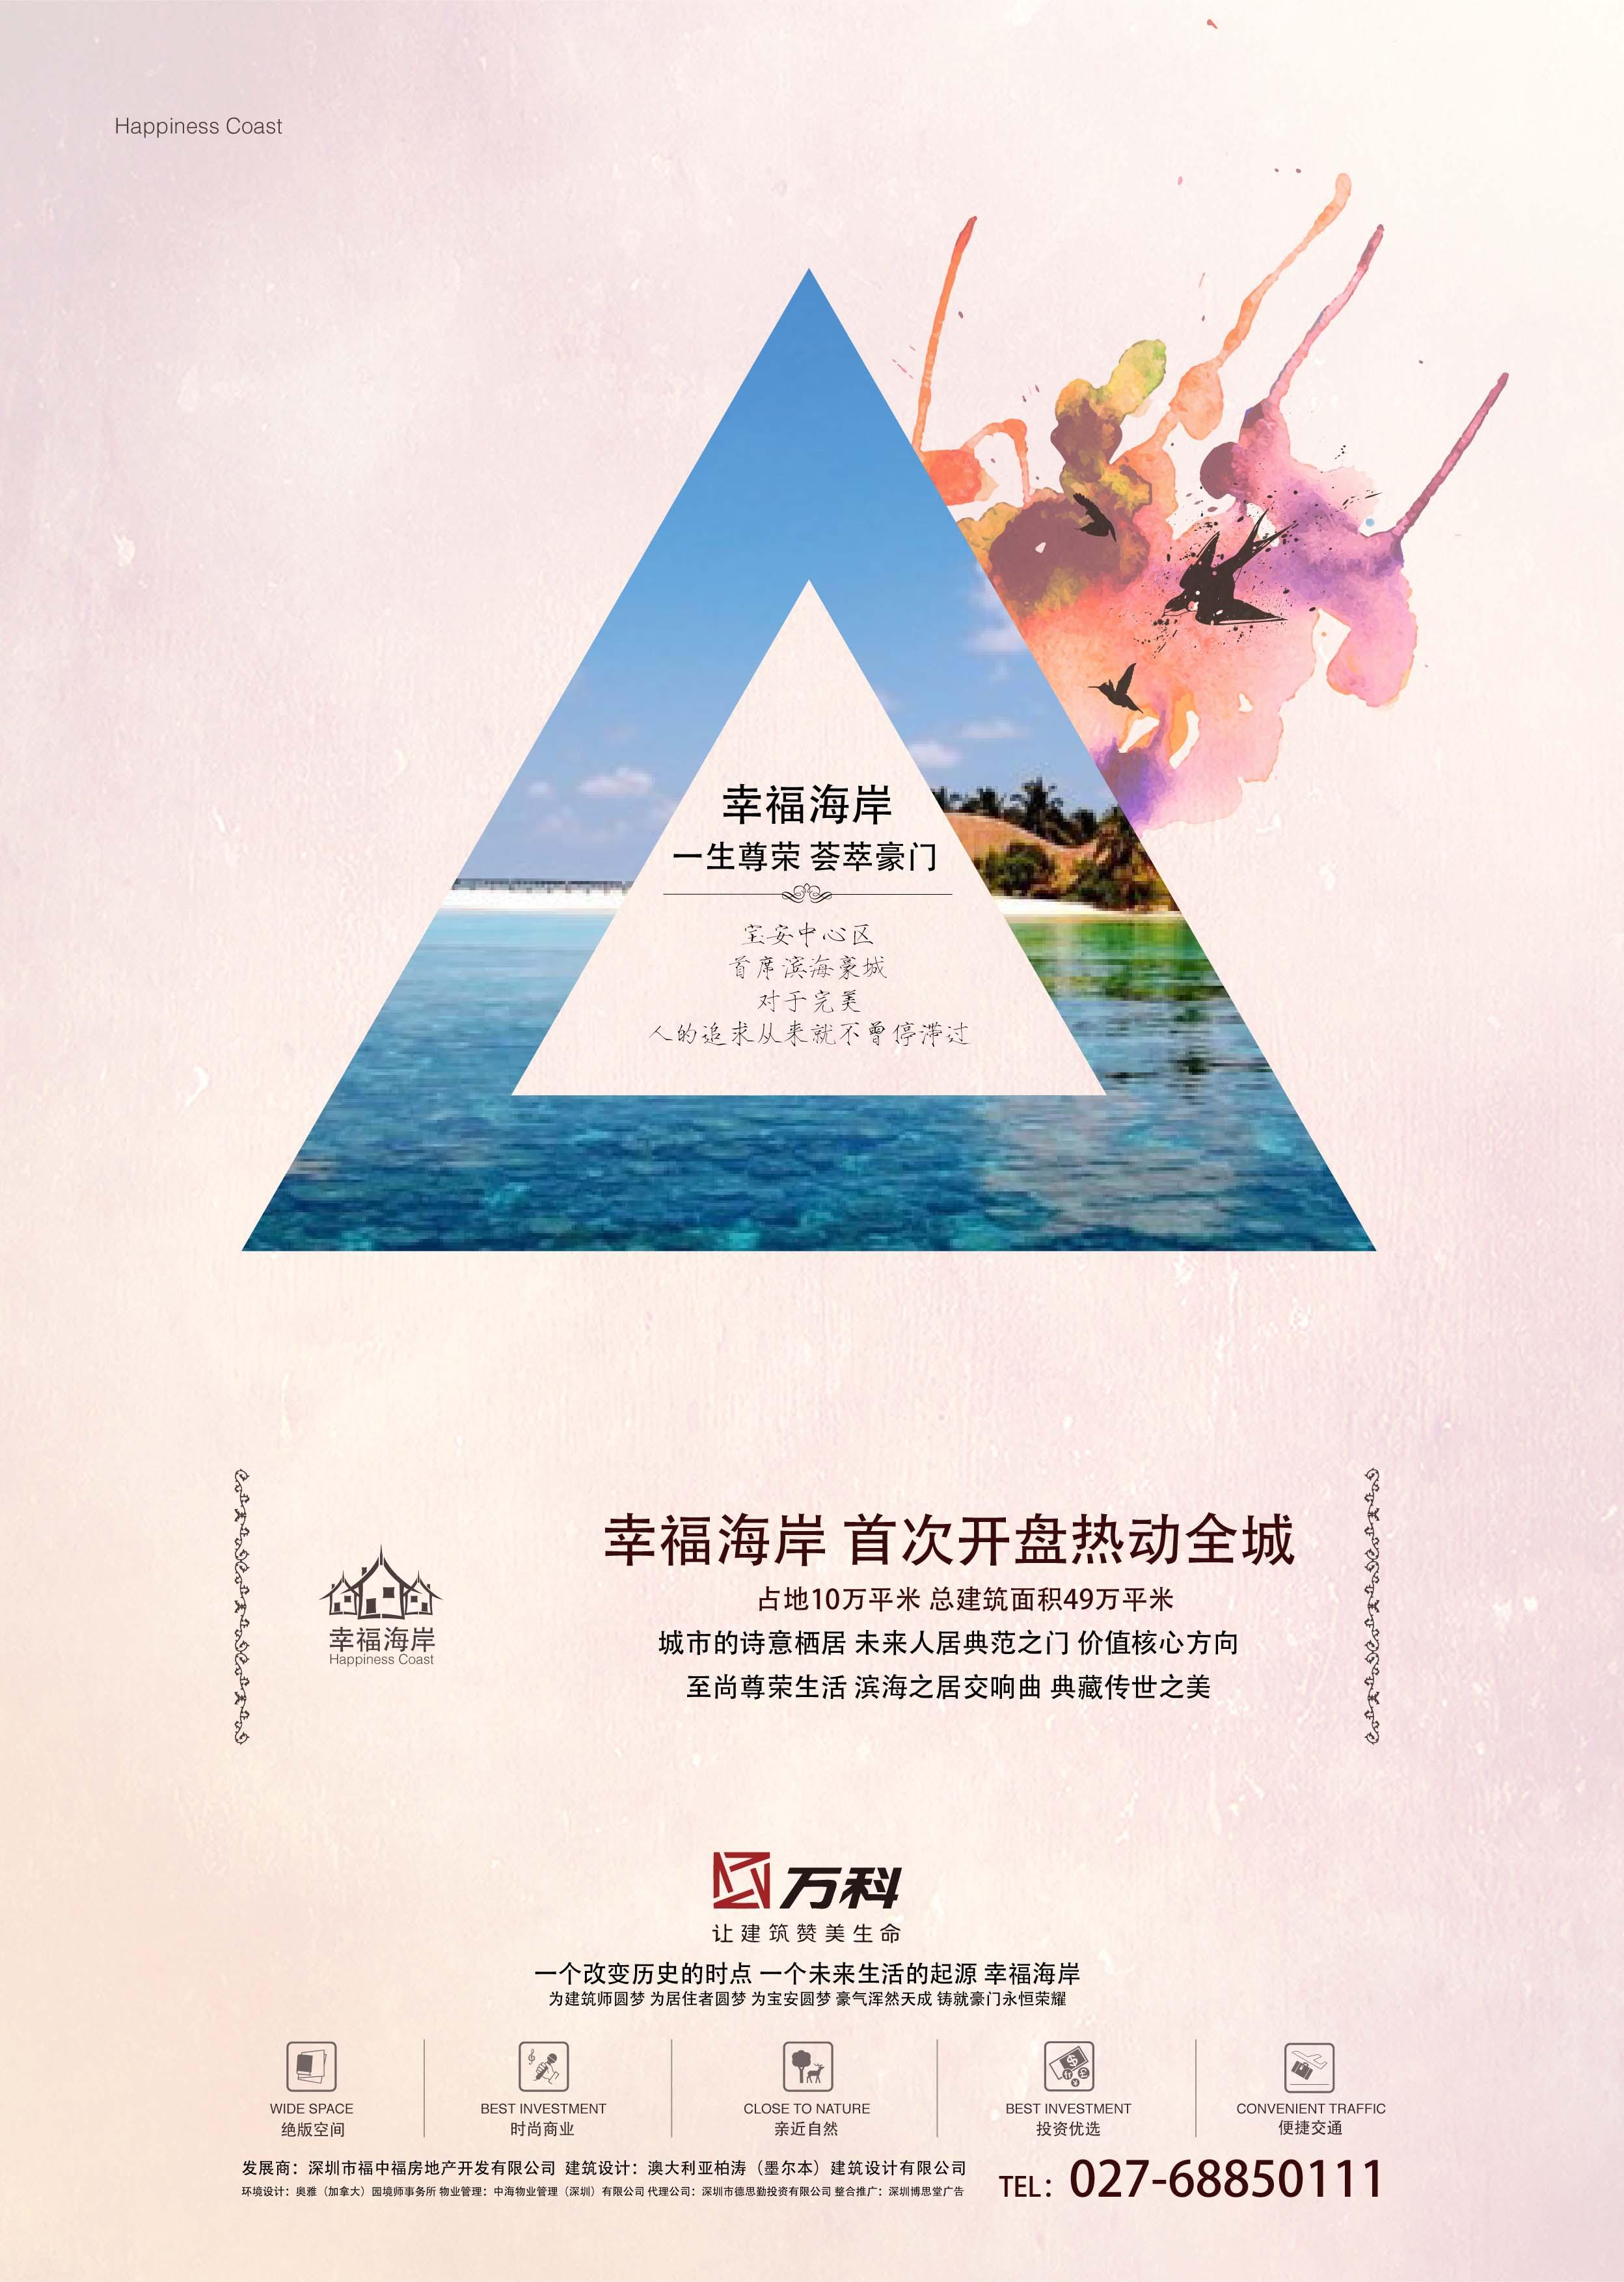 宣传海报设计_以太·设计事务所案例展示_一品威客网